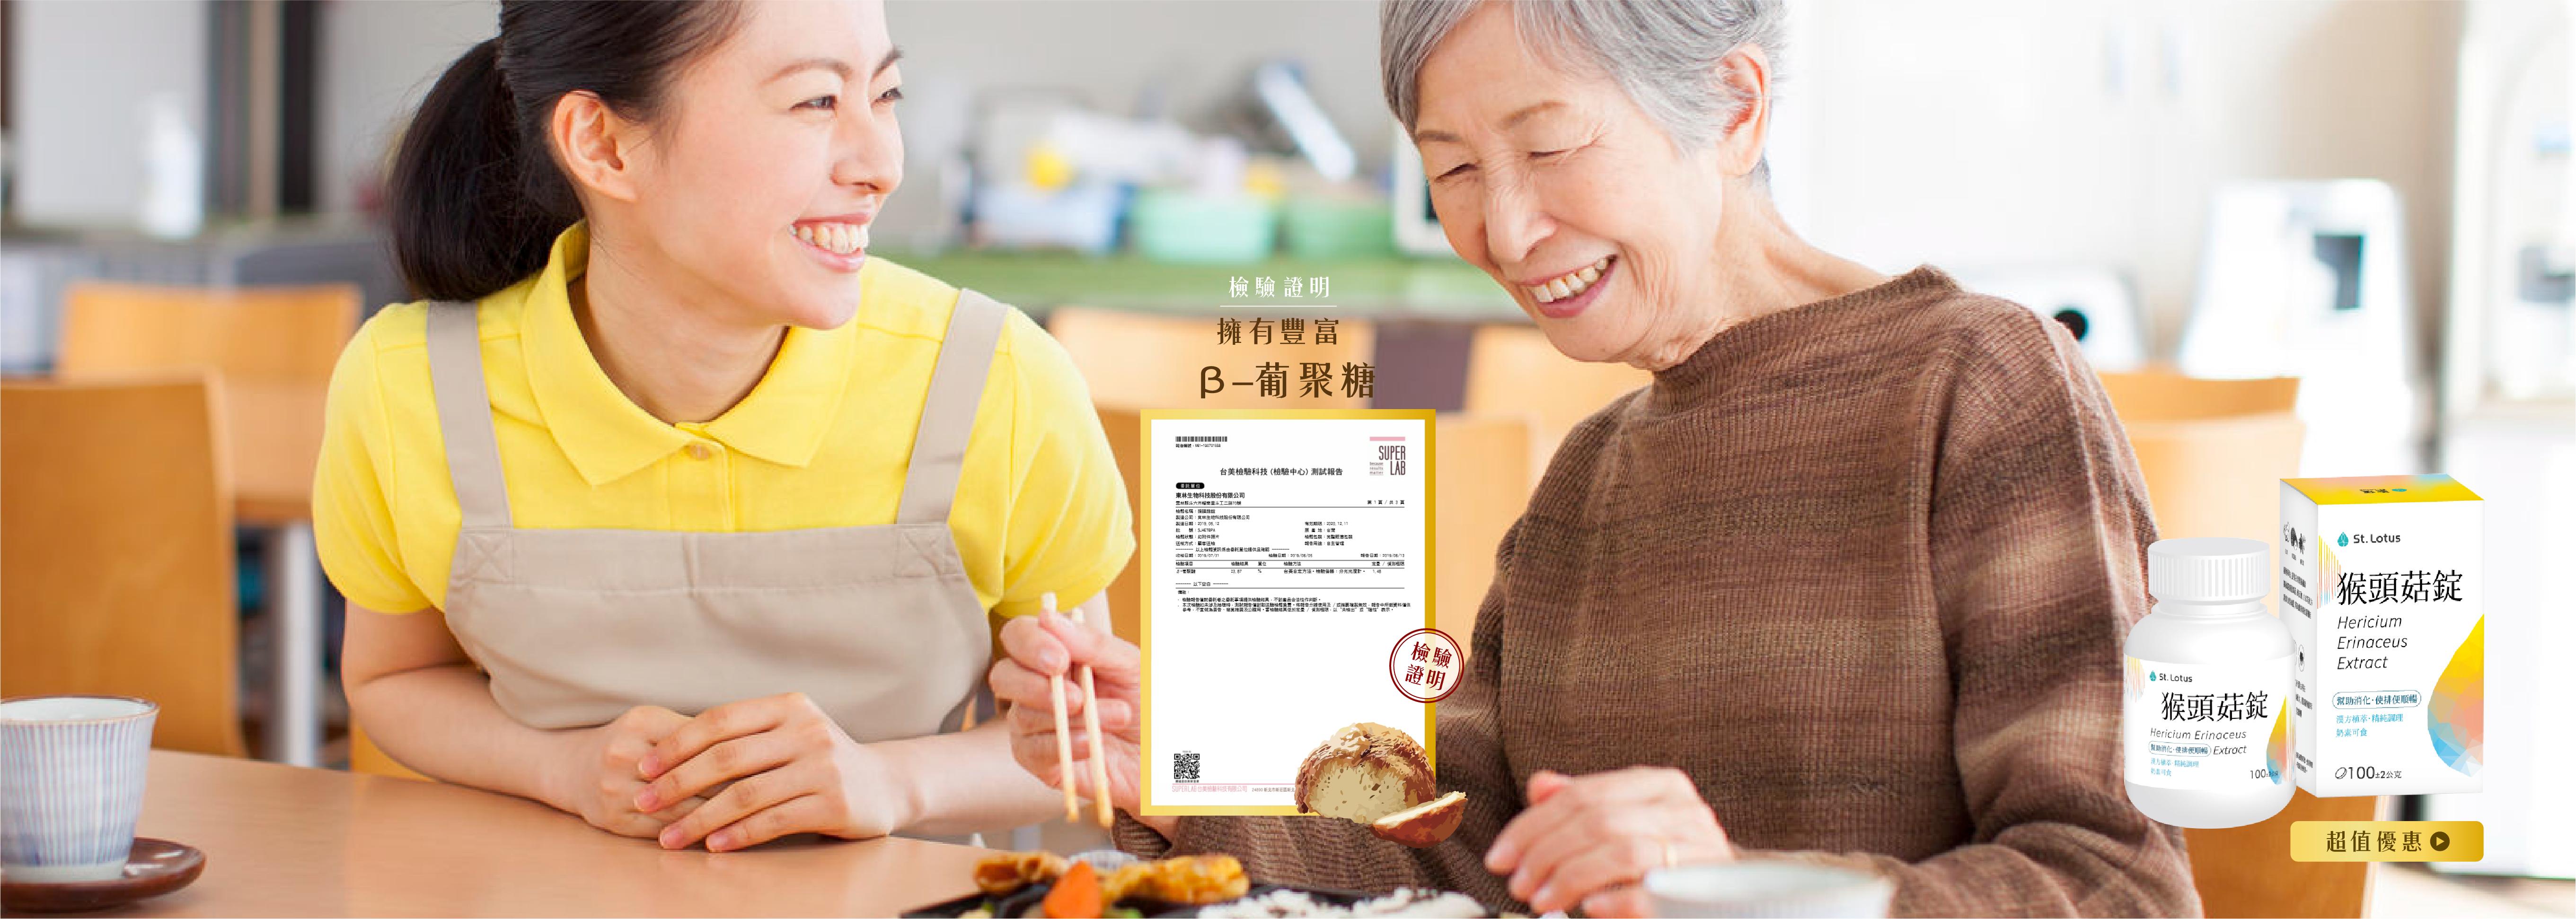 【限定優惠】猴頭菇錠,常保健康人生滿分!